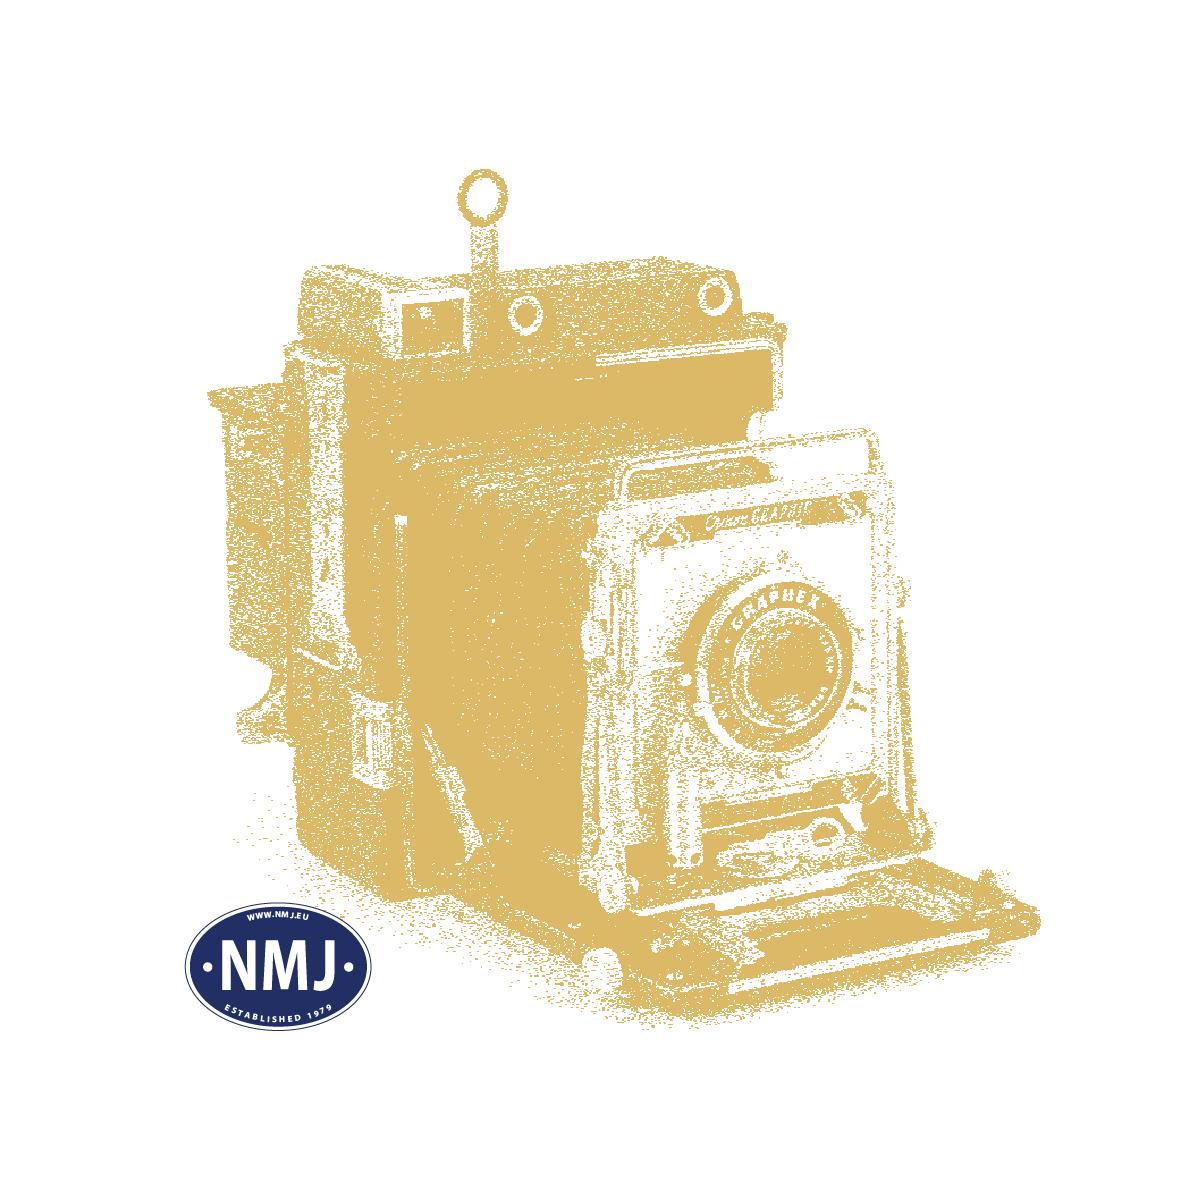 NMJT604.506 - NMJ Topline NOJ G 1000, Sykkelvogn